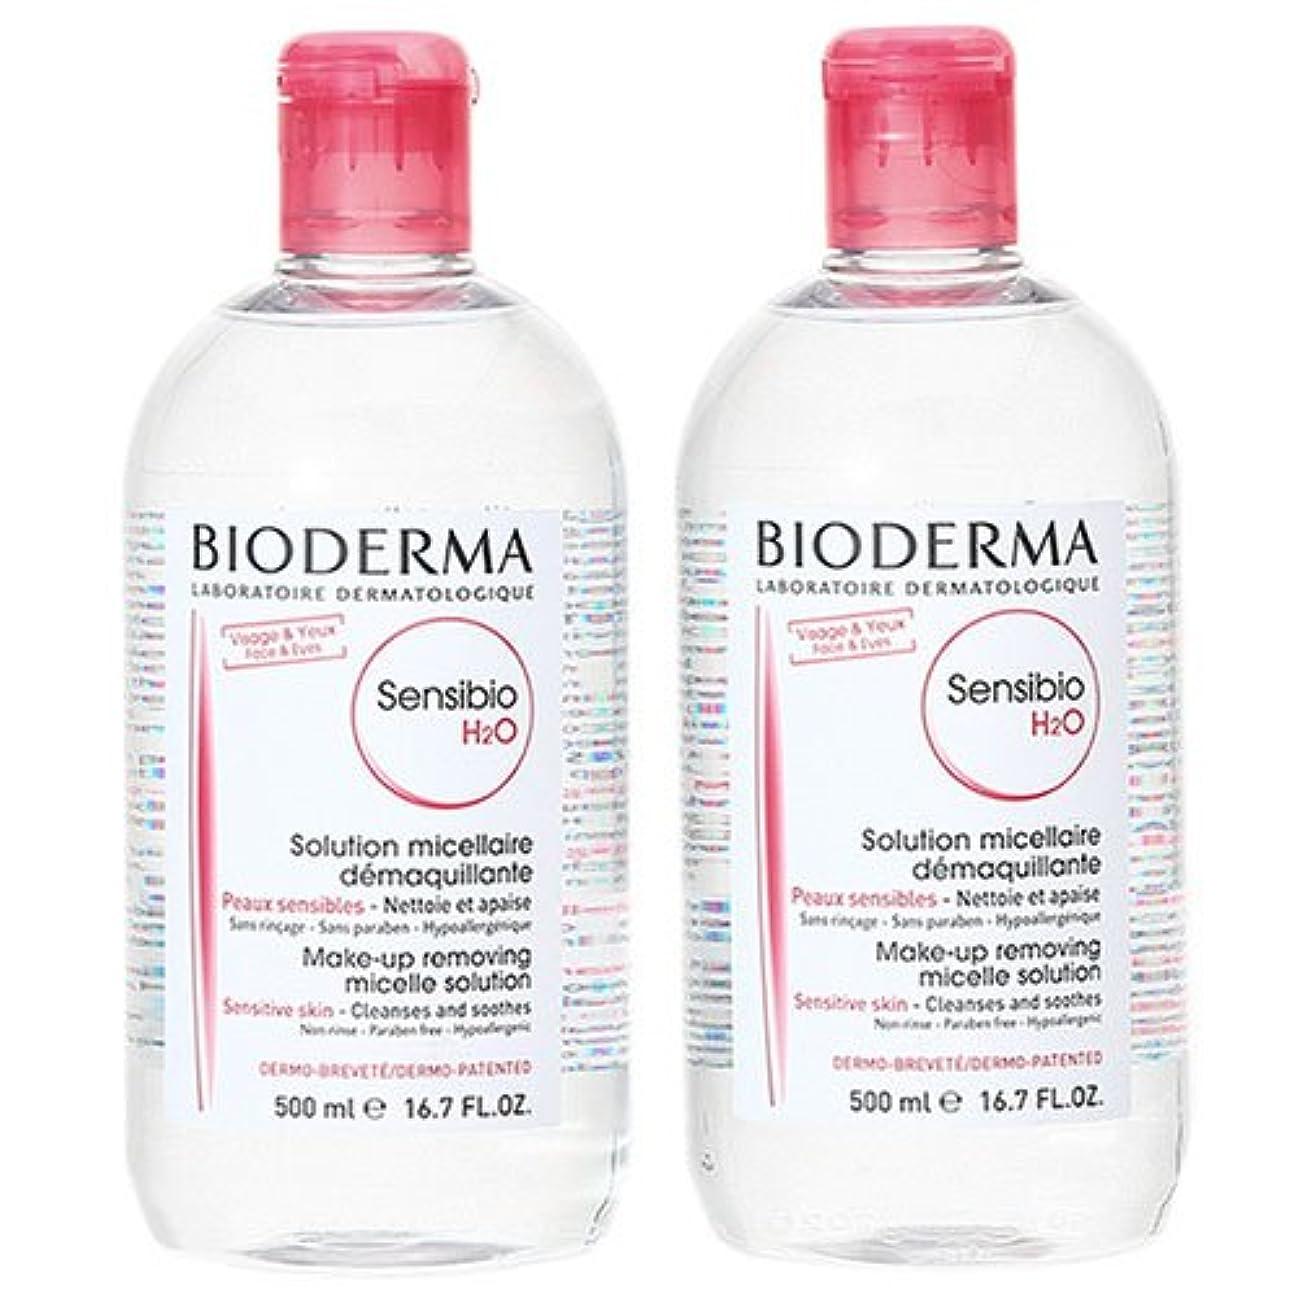 ビオデルマ BIODERMA サンシビオ H2O (エイチ ツーオー) D 500mL 【2本セット】 【並行輸入品】